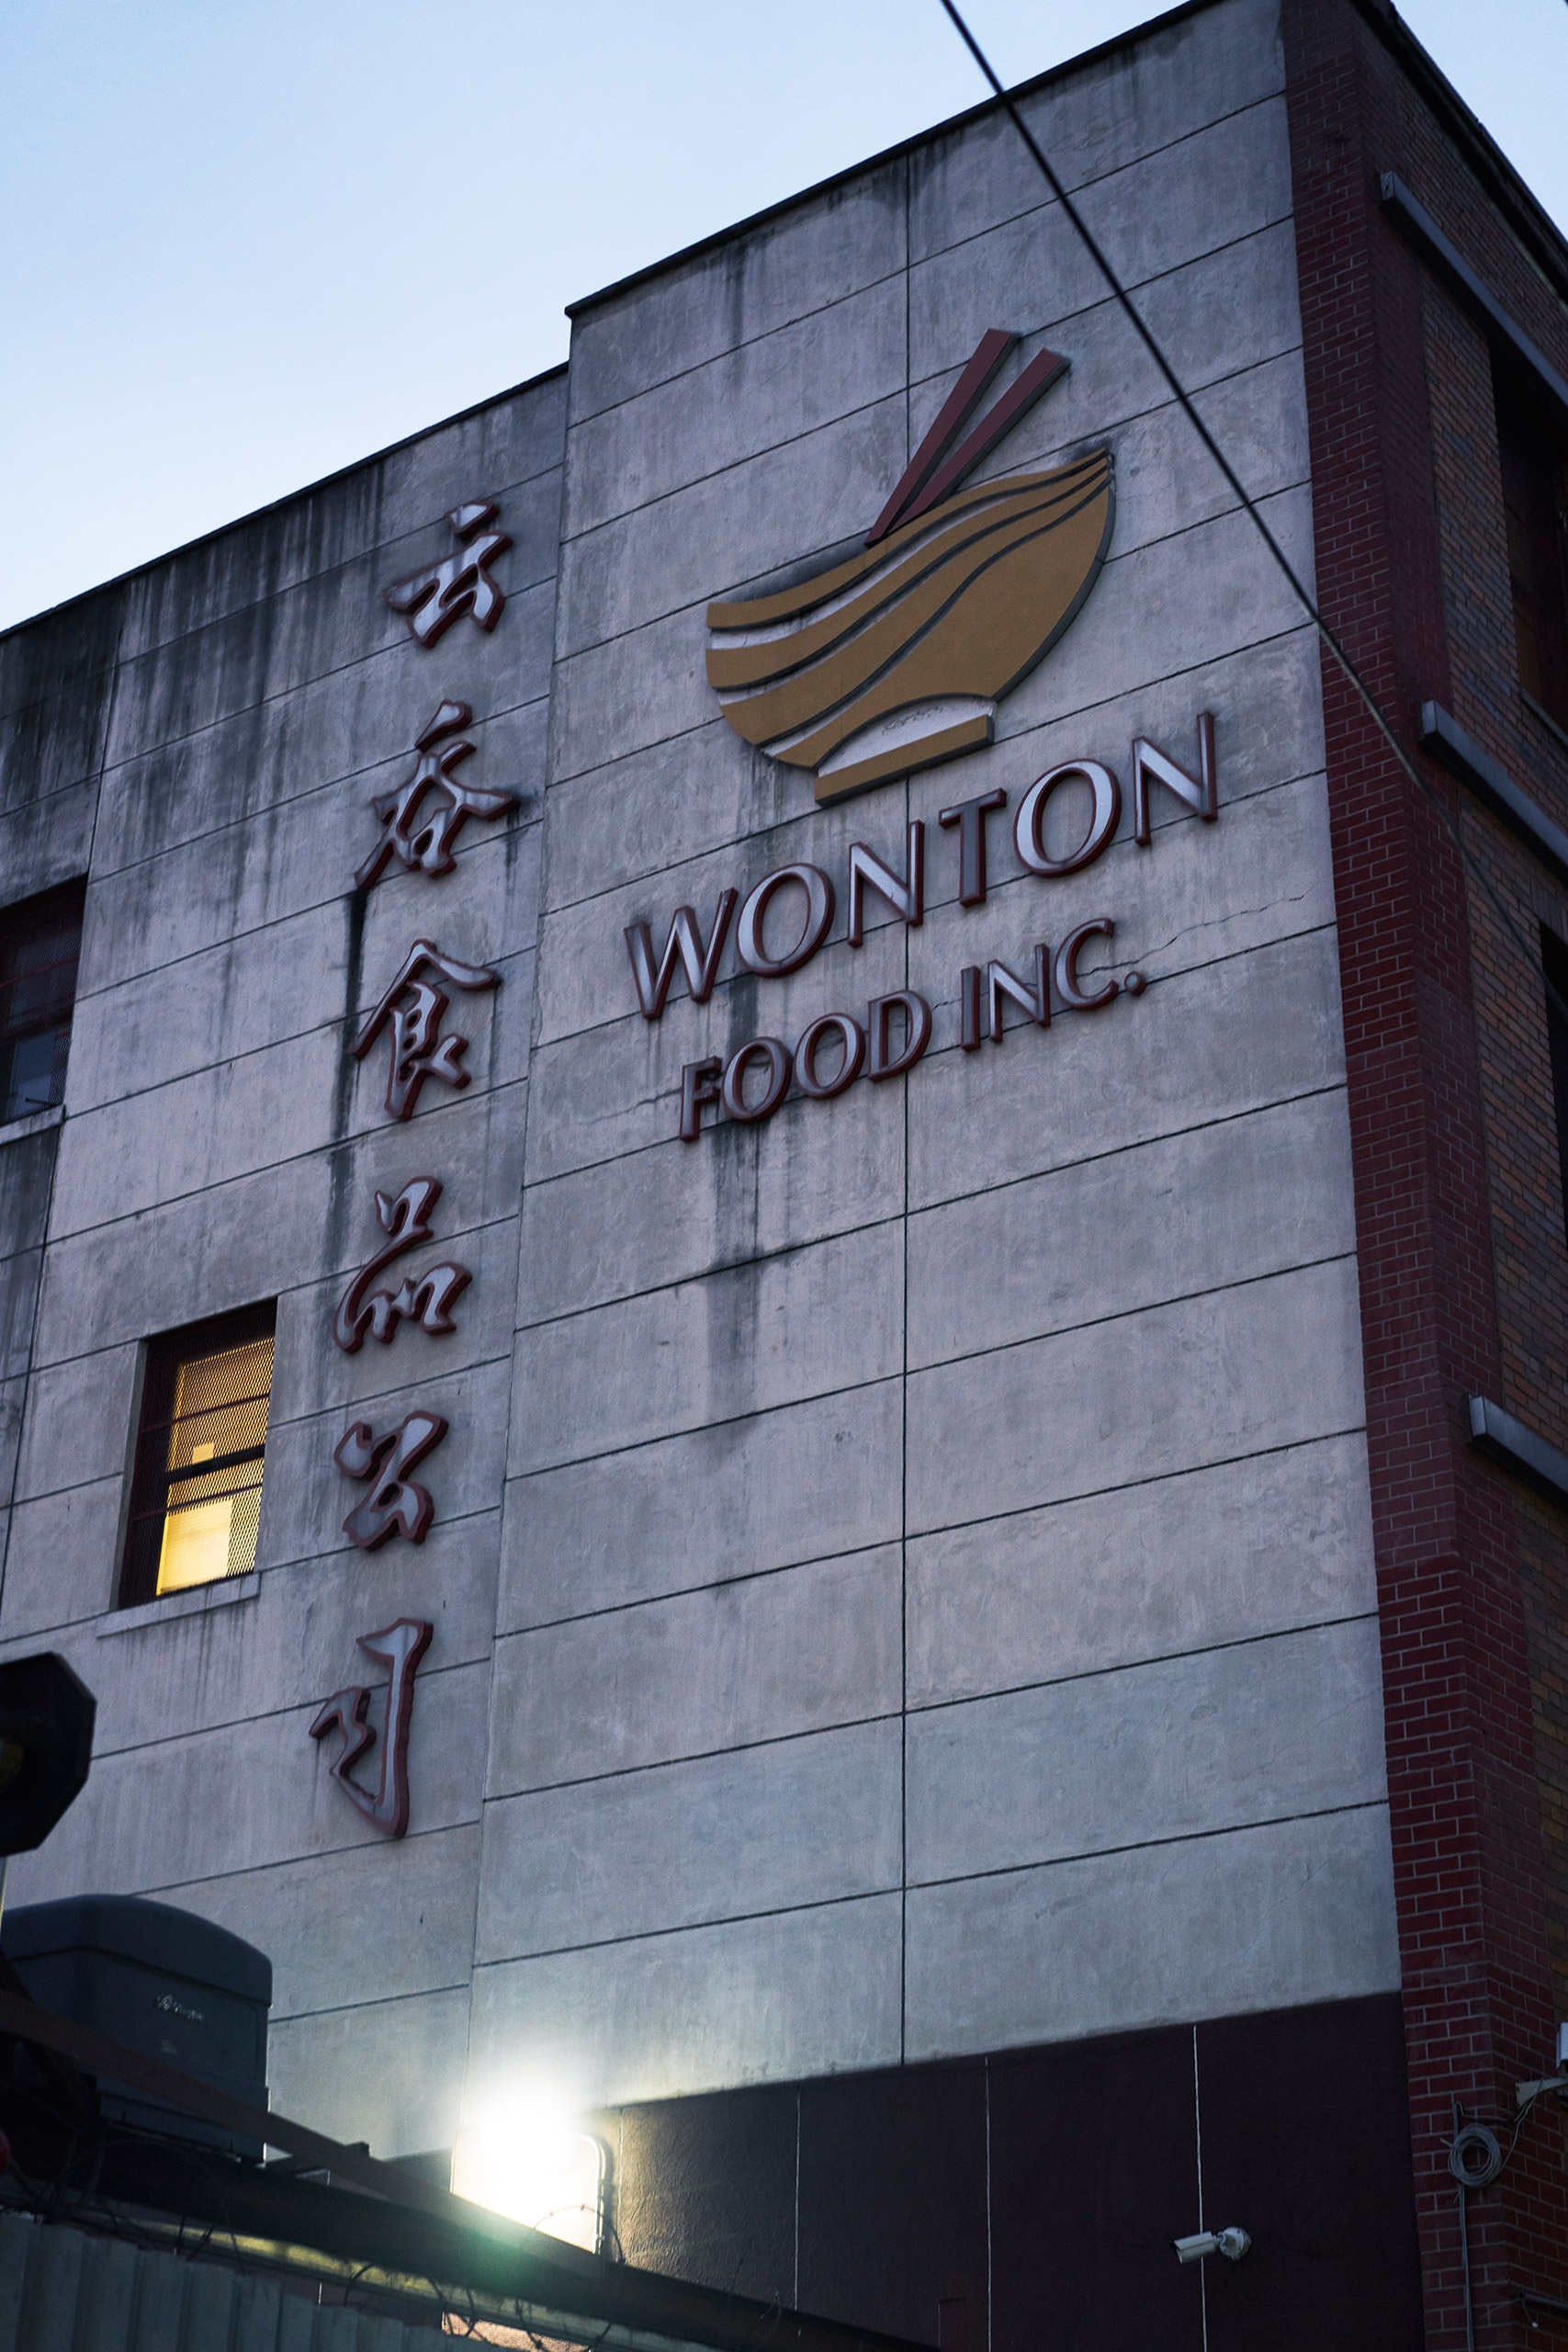 Exterior of the HQ of Wonton Food Inc. Brooklyn, N.Y. Jan. 18, 2017.